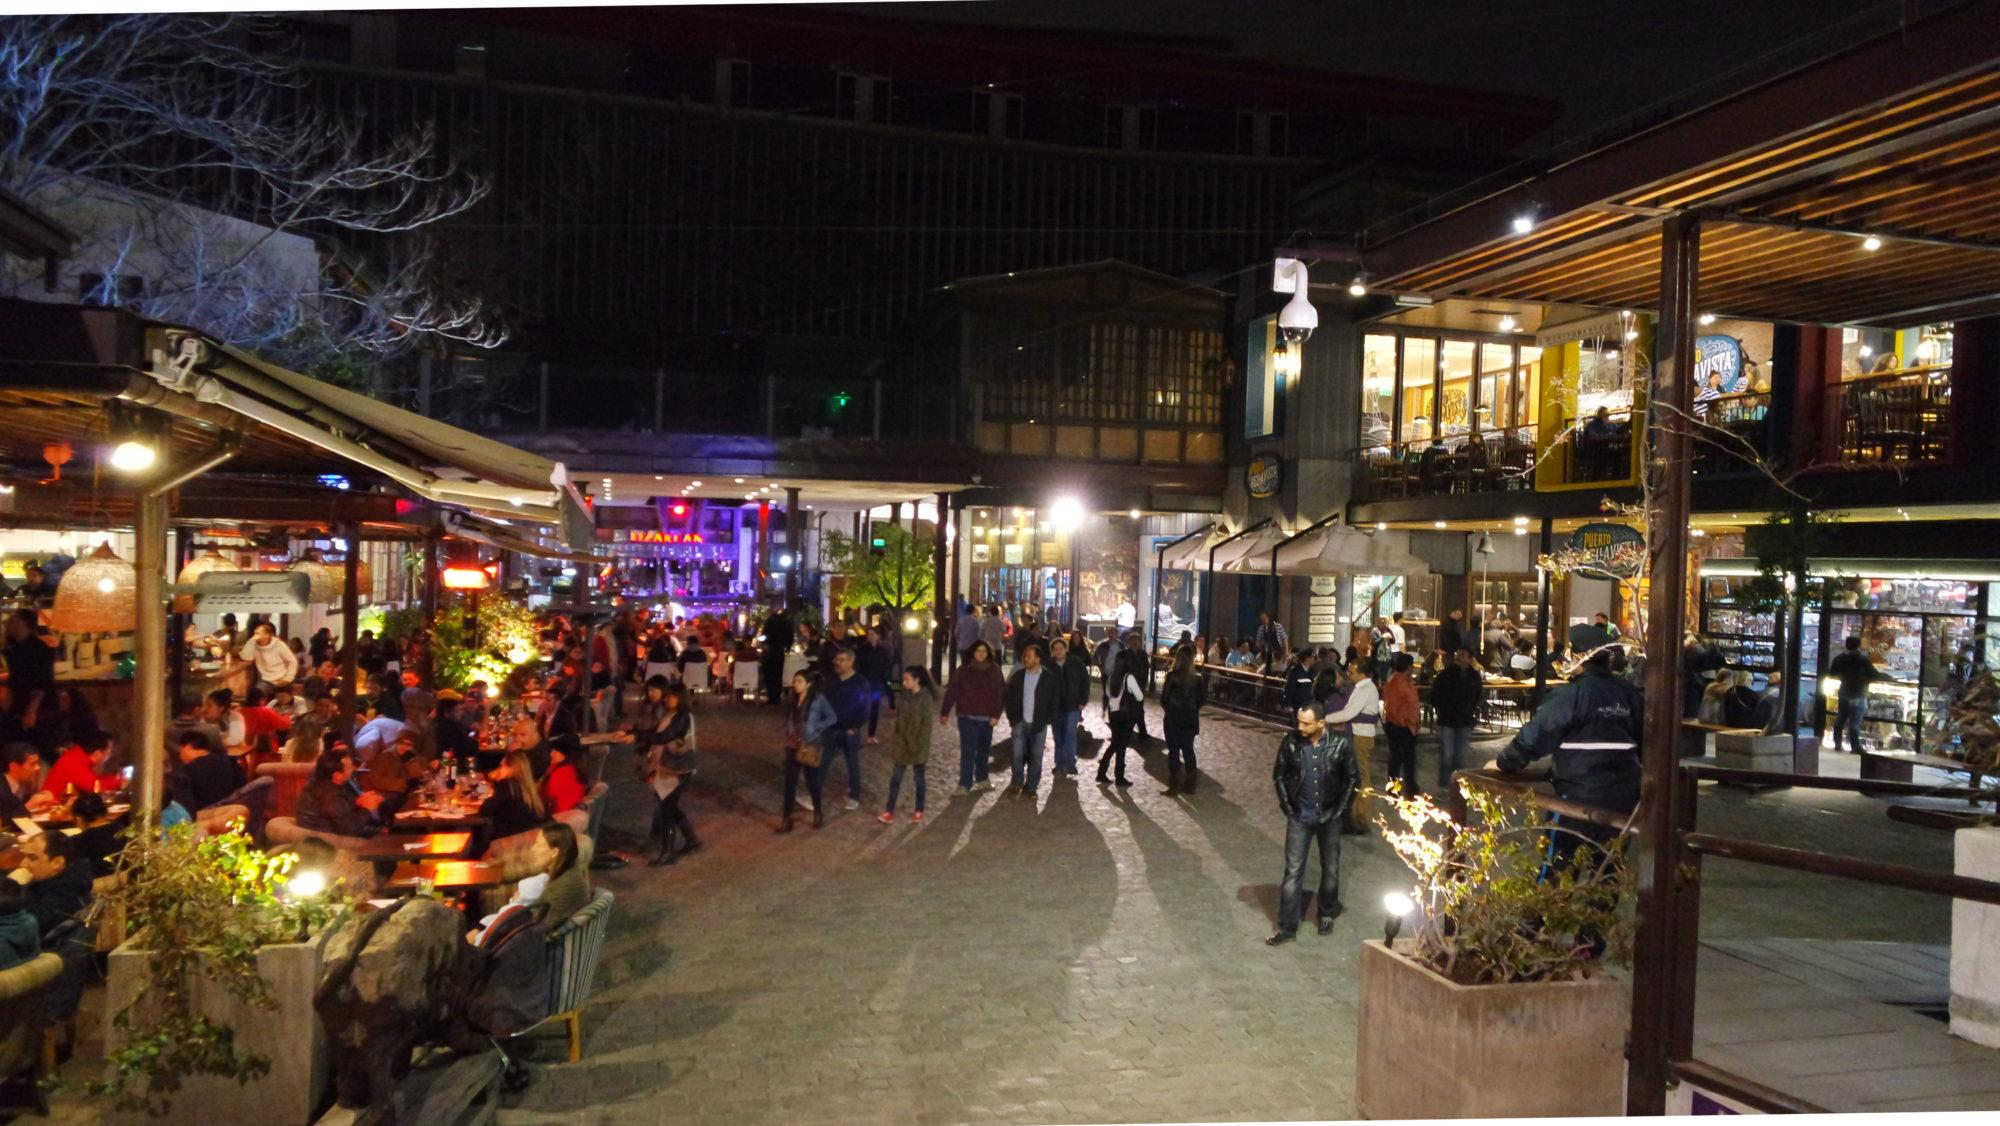 patio bellavista à noite: complexo de restaurantes em santiago do chile